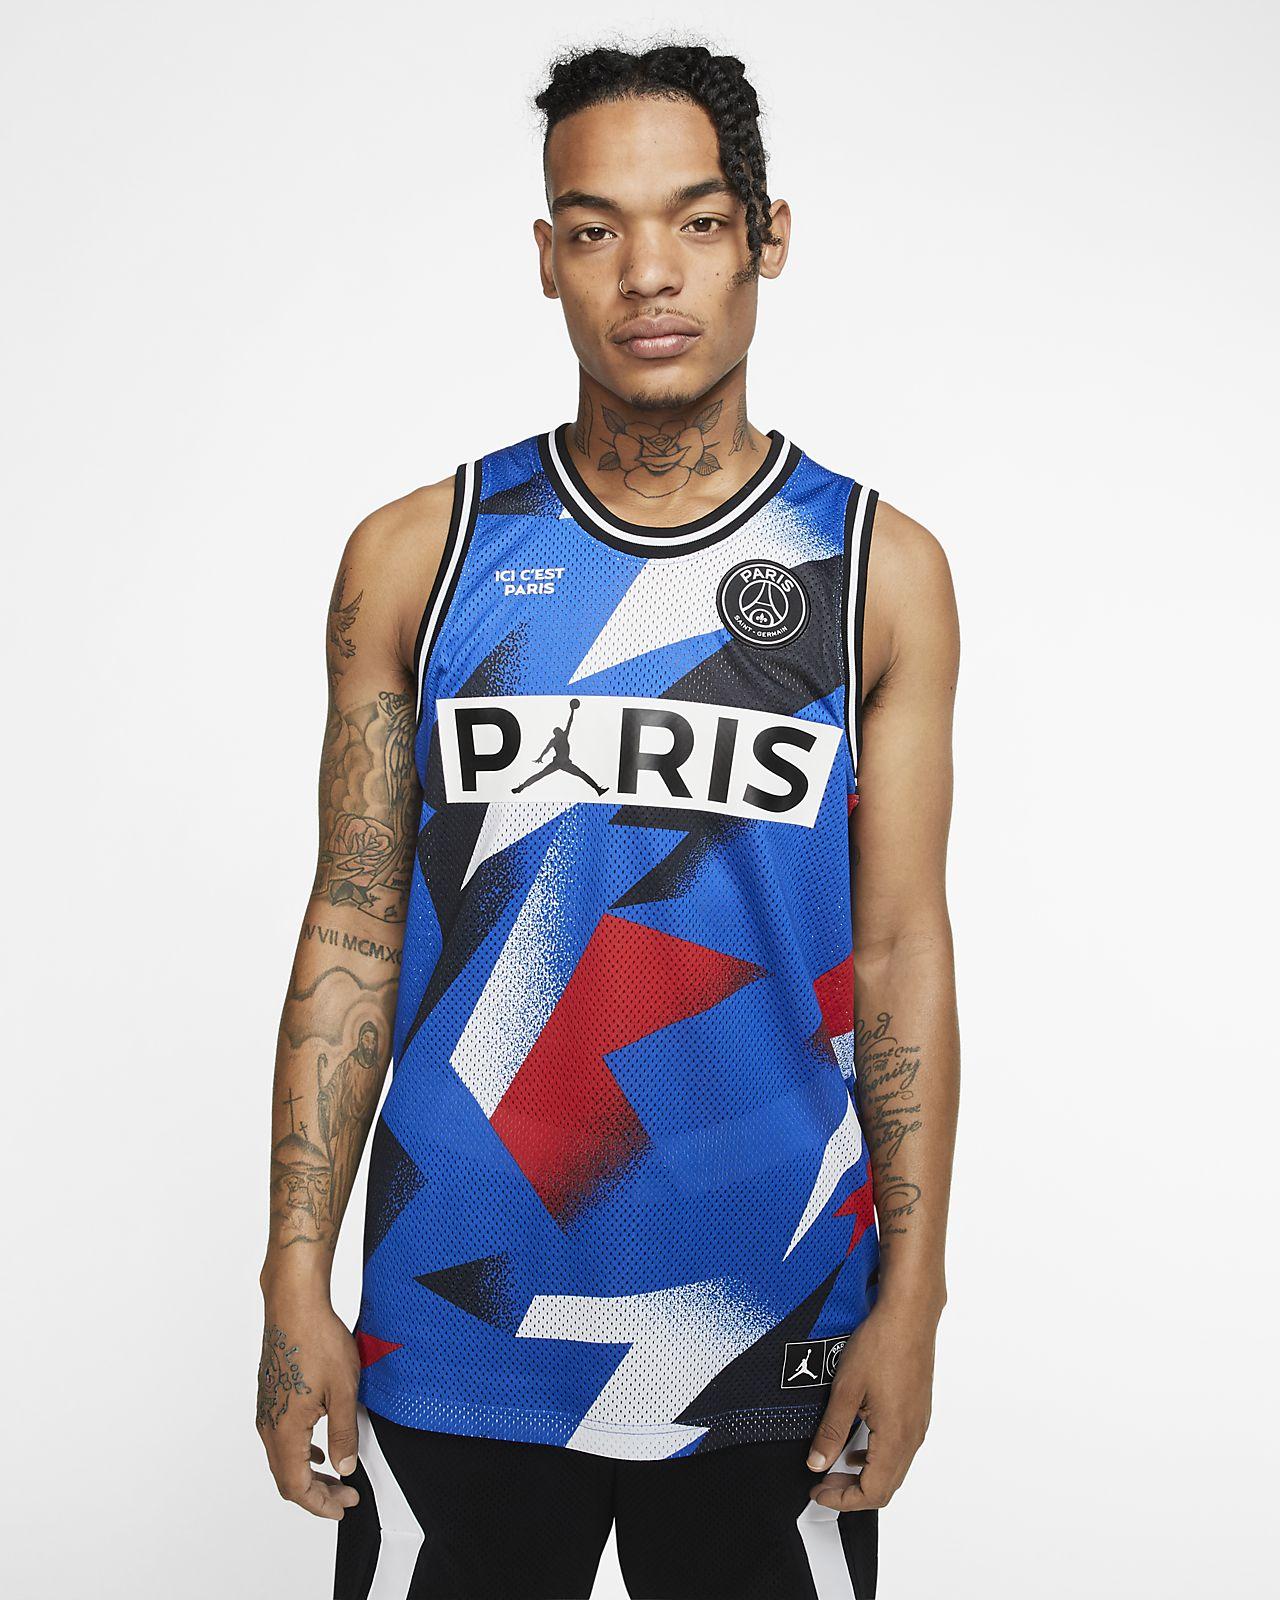 Ανδρική φανέλα από διχτυωτό υλικό Paris Saint-Germain